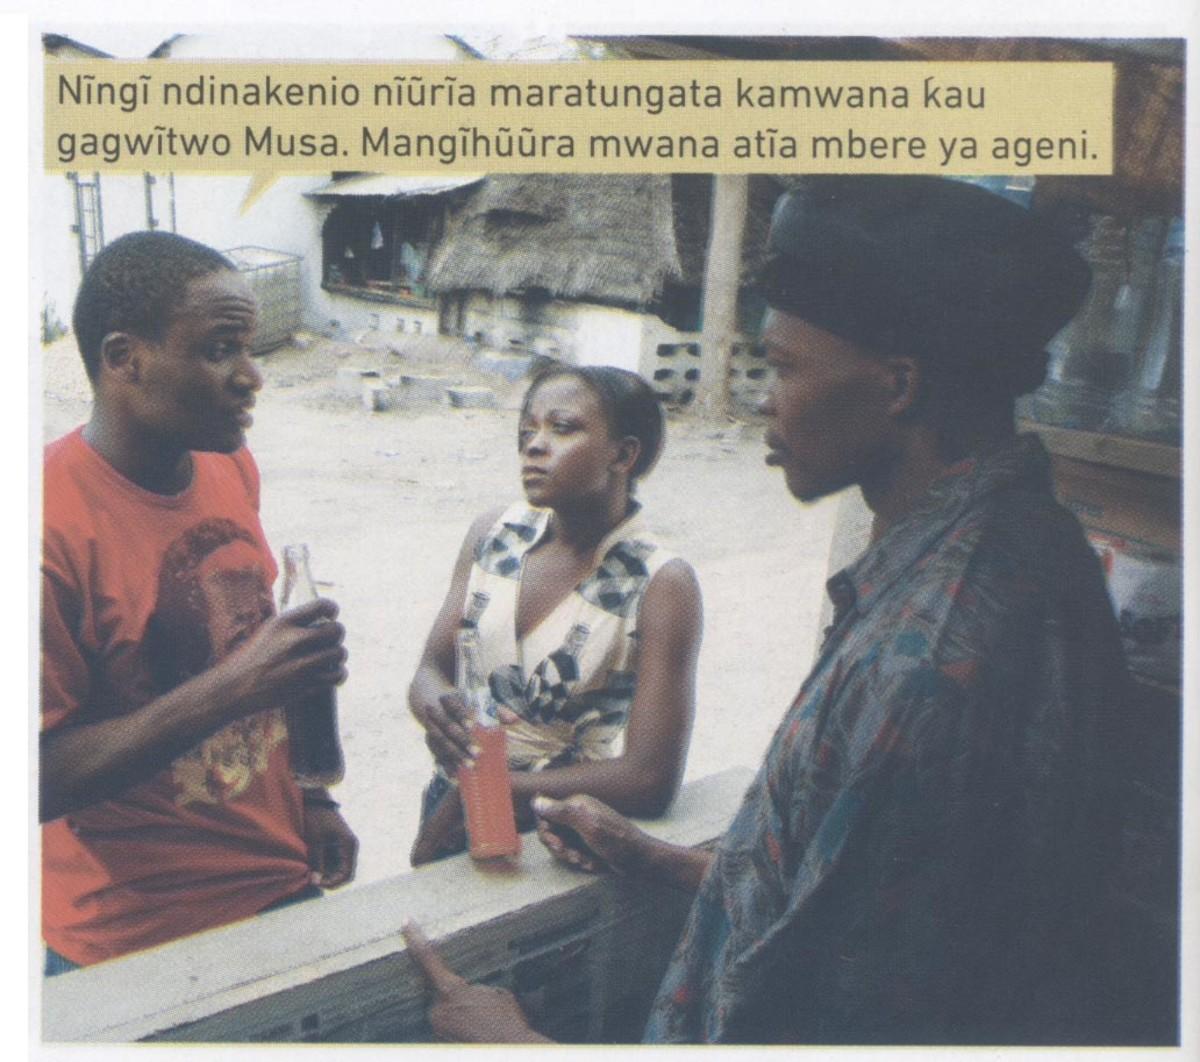 the-kikuyu-language